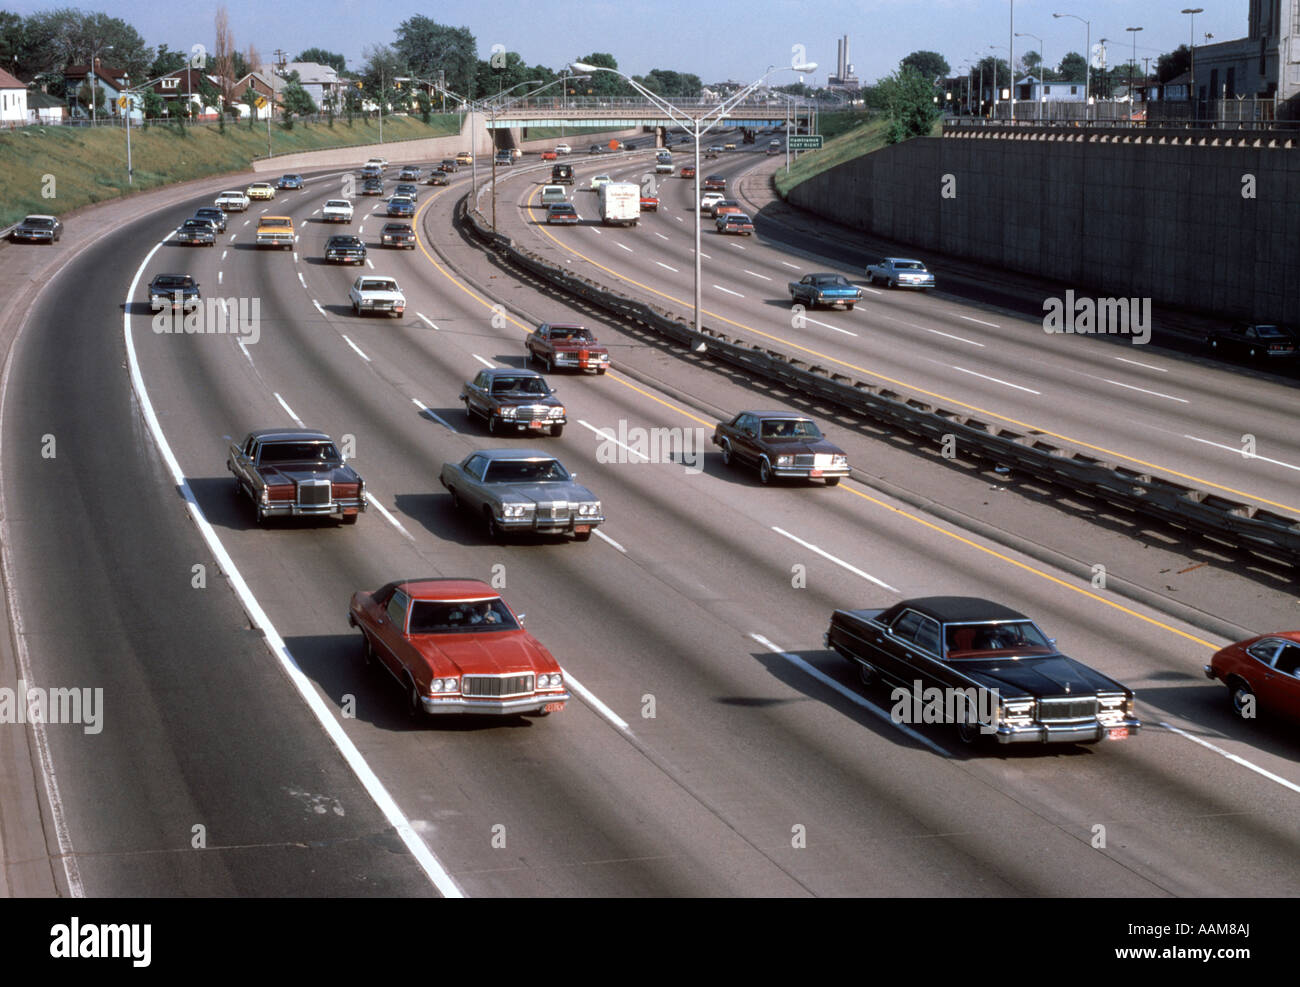 Les voitures des années 70, LE TRAFIC SUR L'autoroute I75 CHRYSLER près de Detroit au Michigan Photo Stock